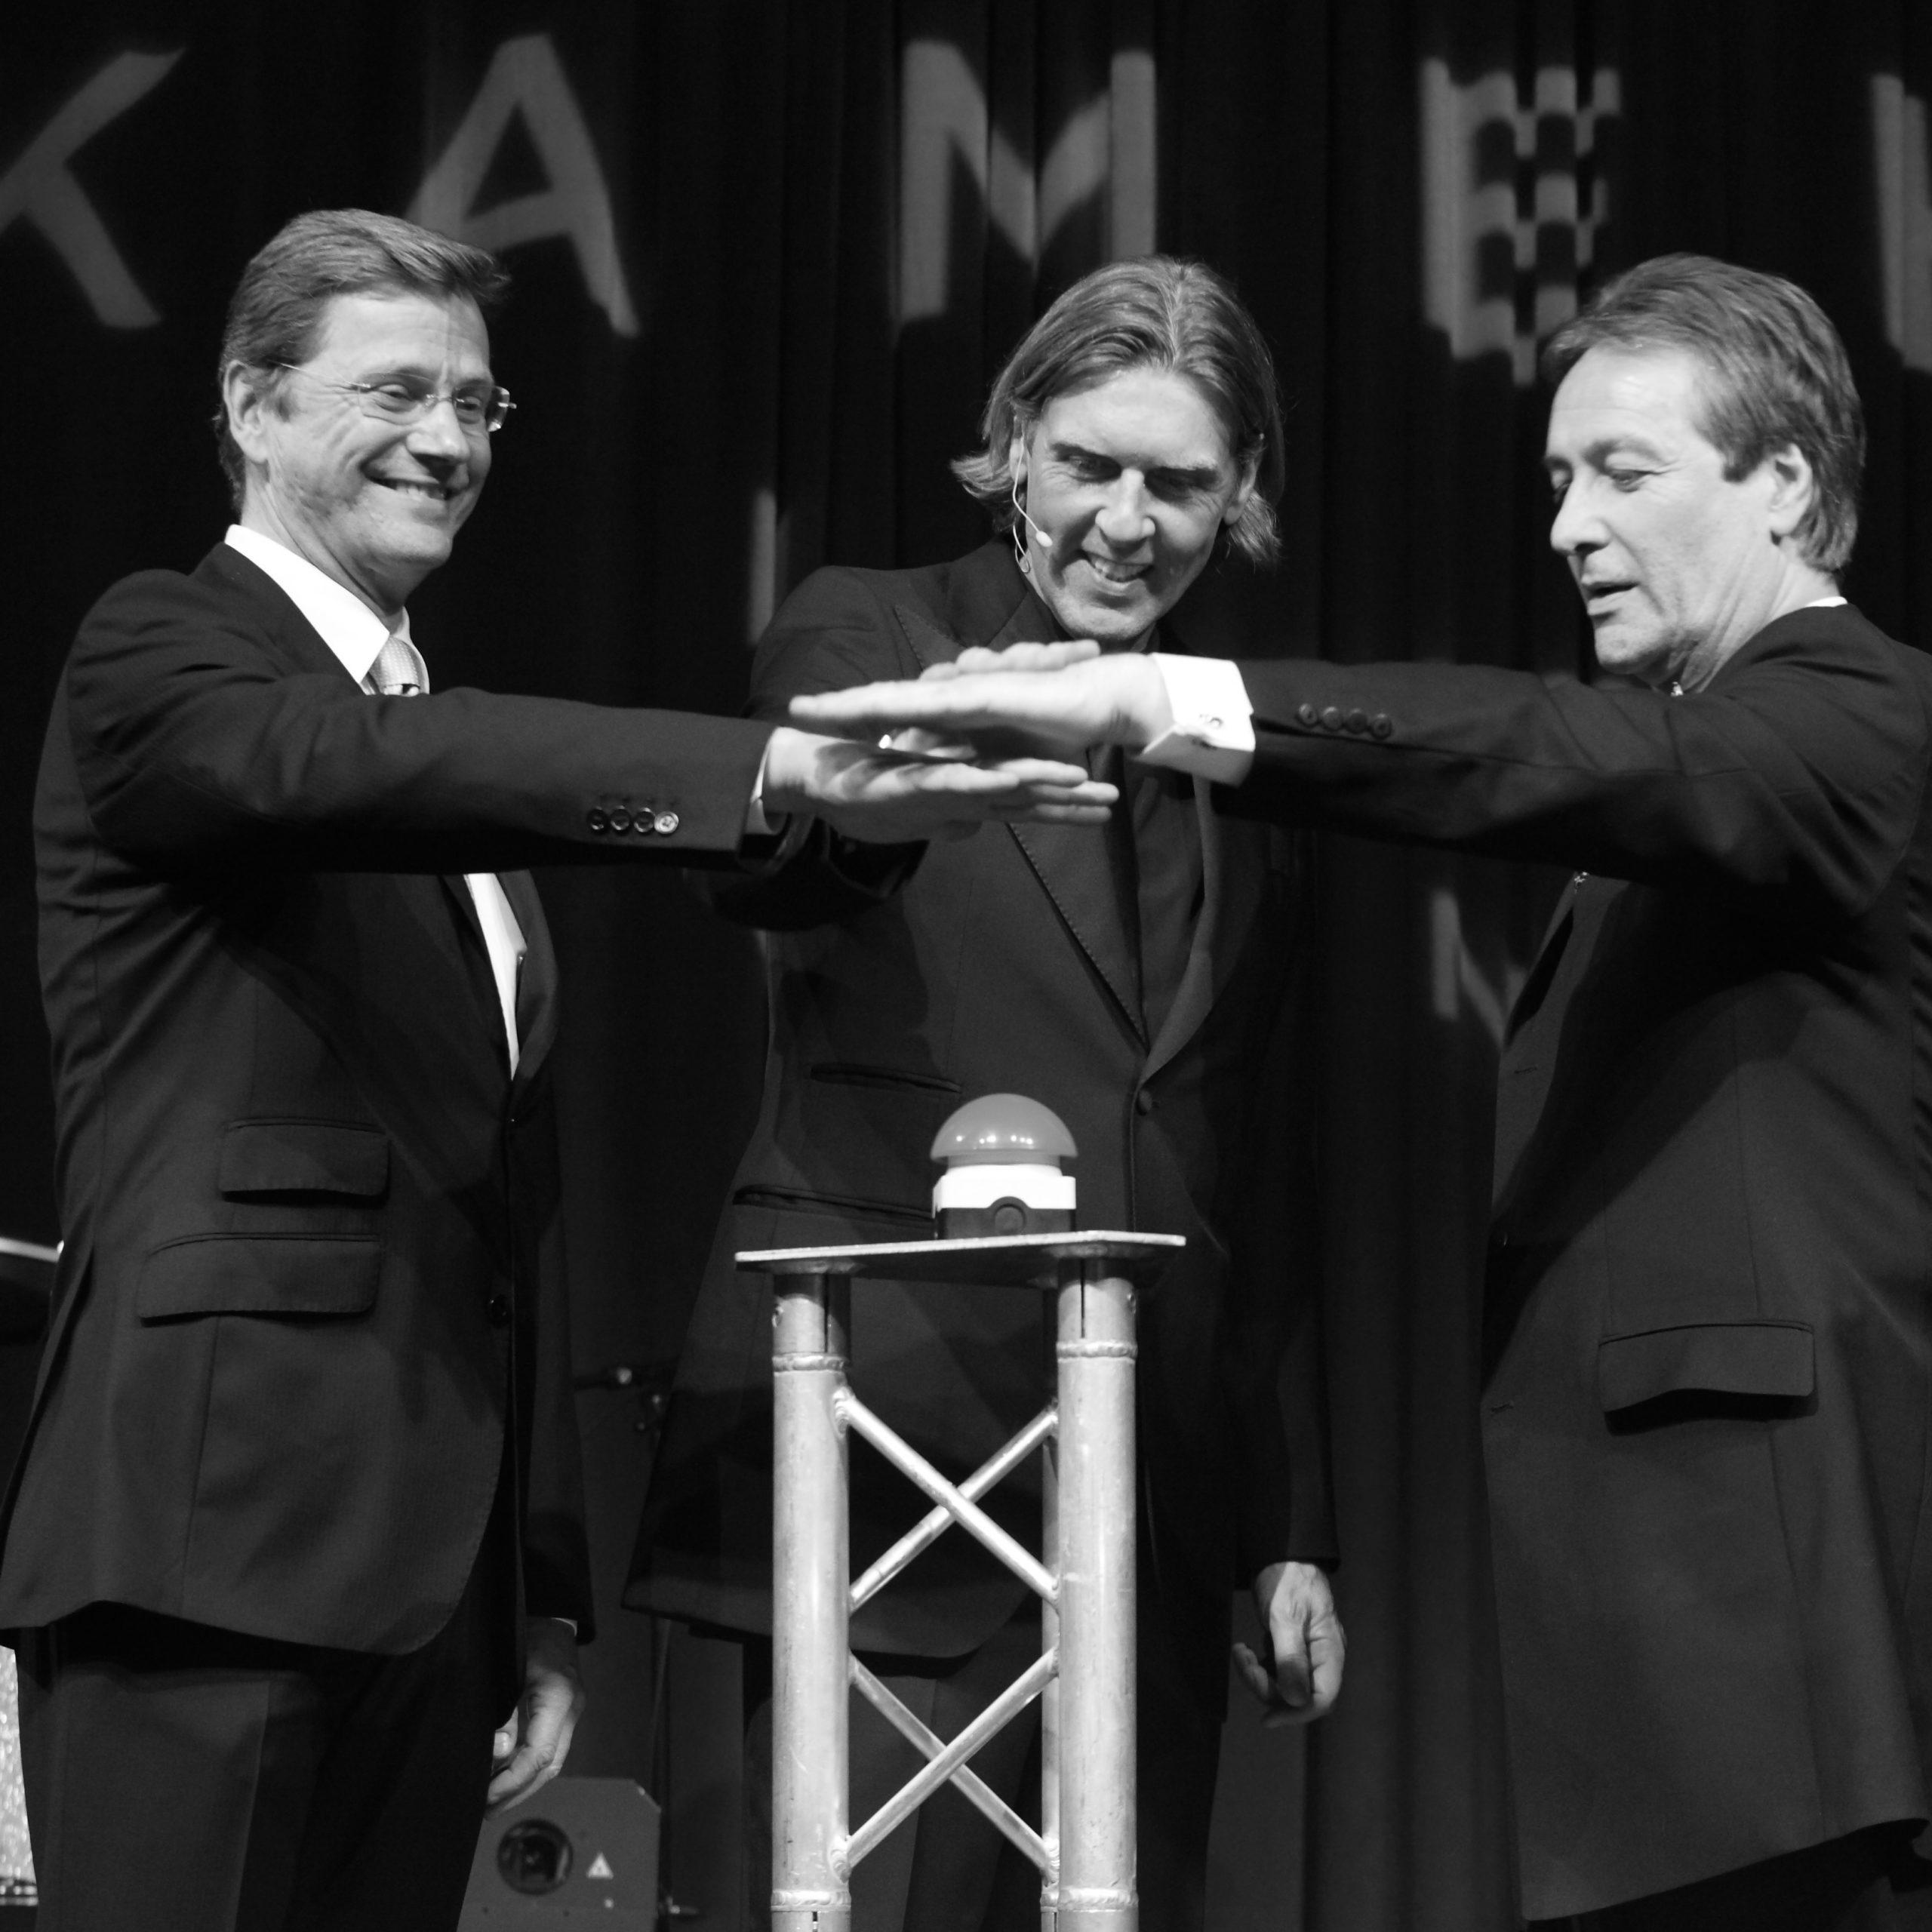 Kameha Grand Bonn – Eröffnung 2011